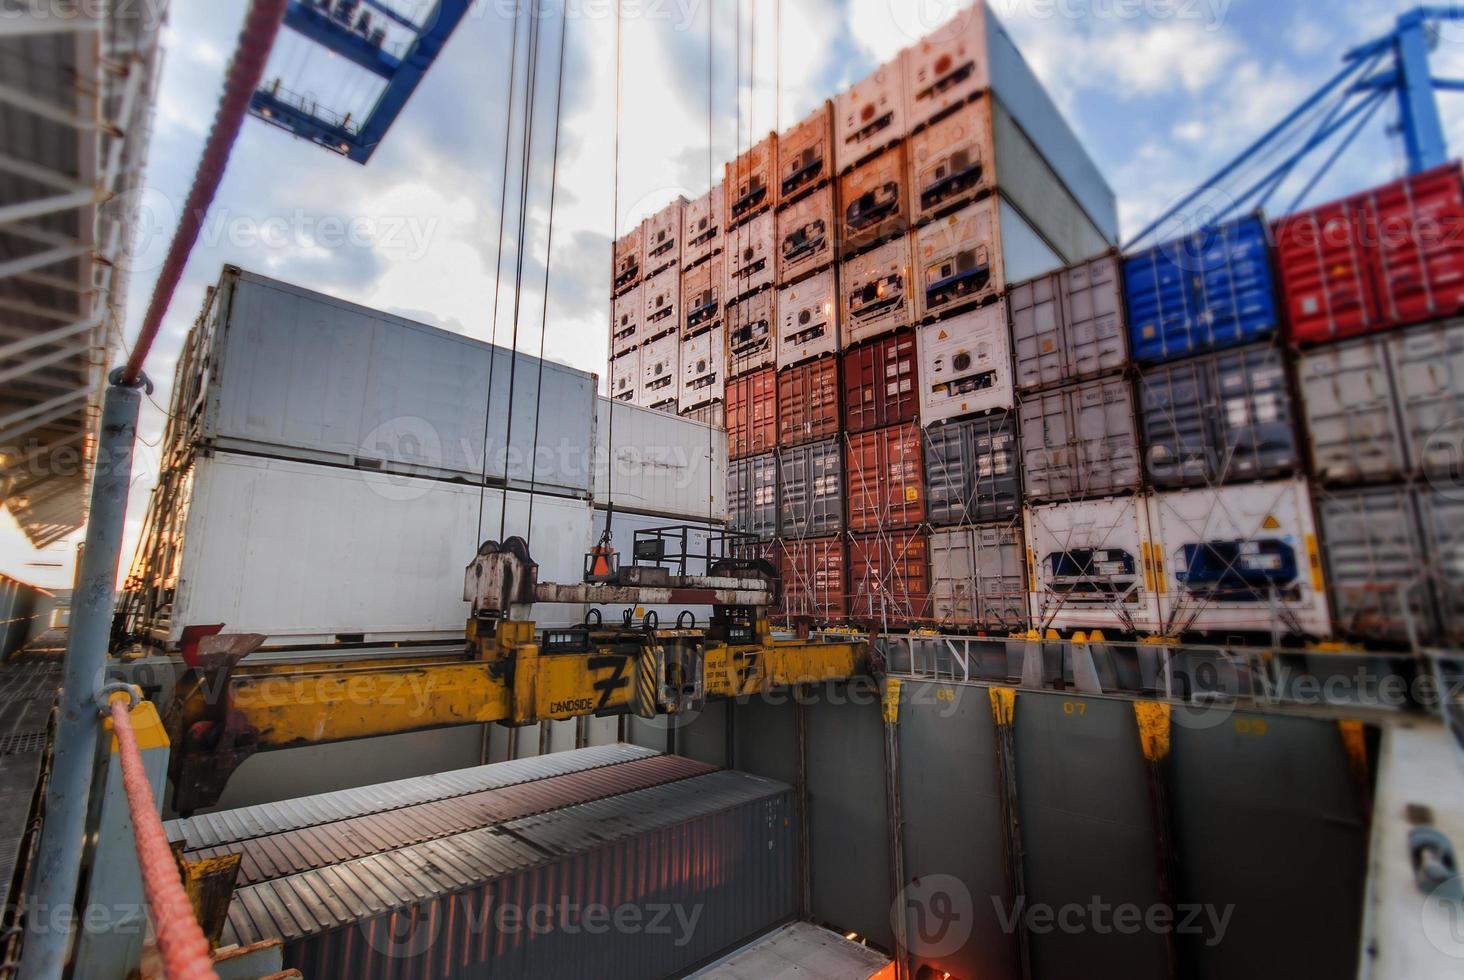 la grúa portuaria levanta el contenedor durante la operación de carga foto